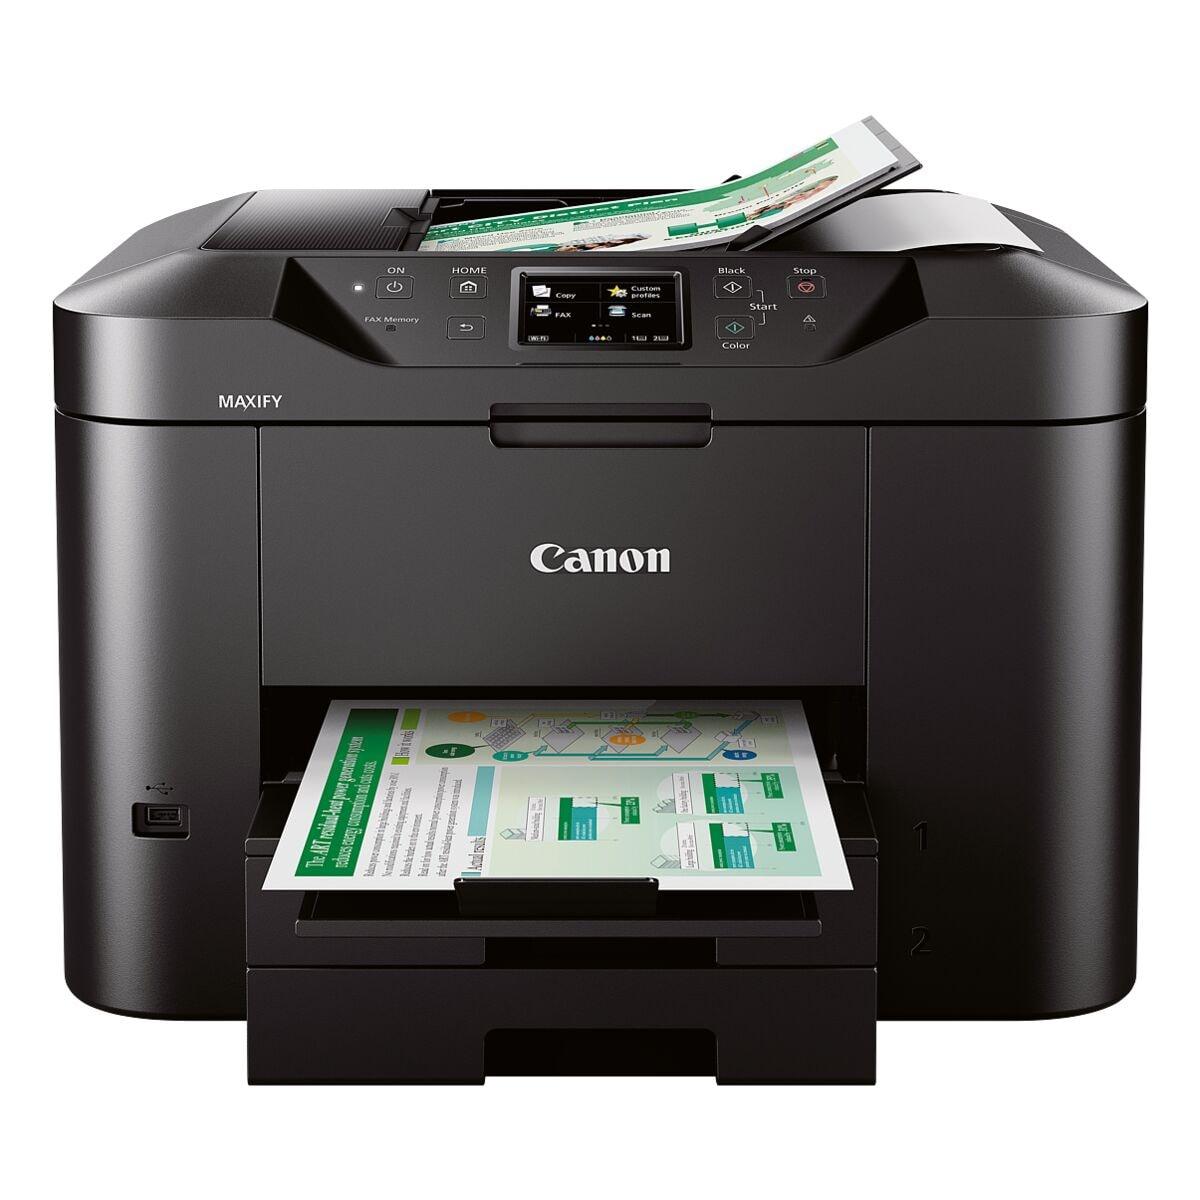 Canon MAXIFY MB2750 Imprimante multifonction, A4 imprimante jet d'encre couleur, avec WLAN et LAN